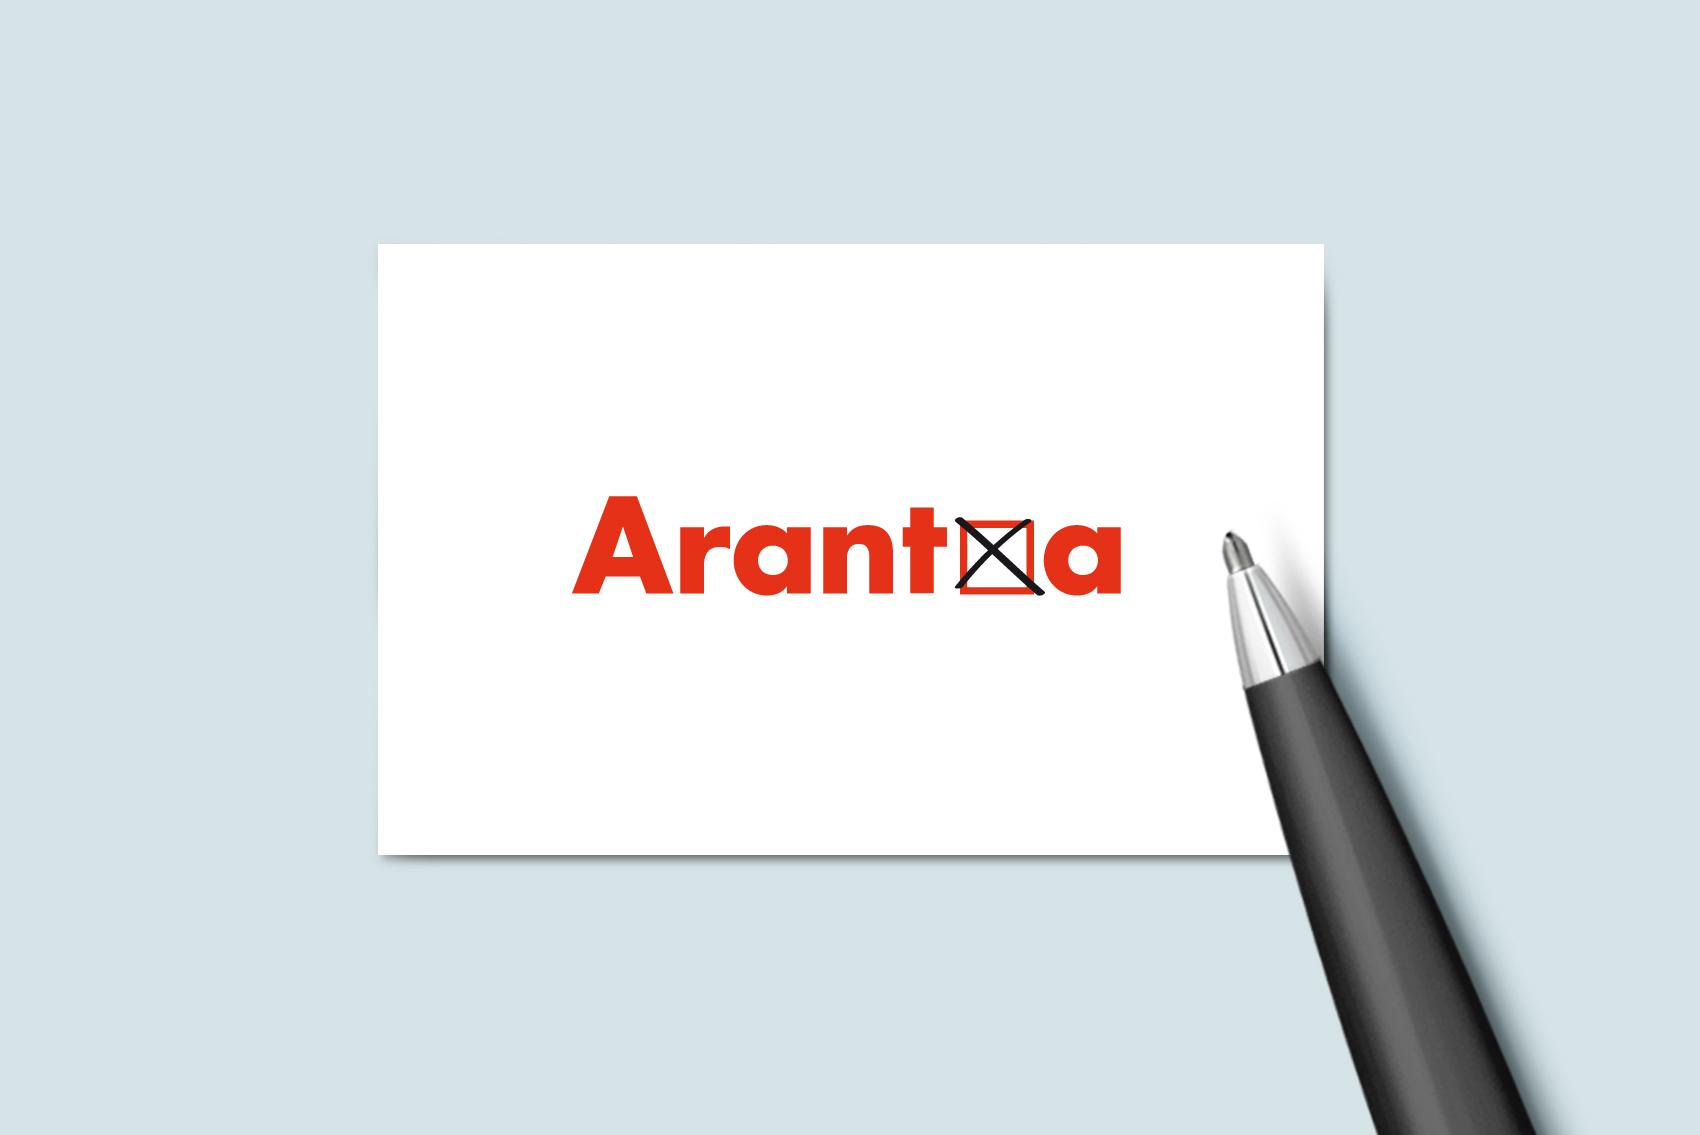 ArantxaBoli3